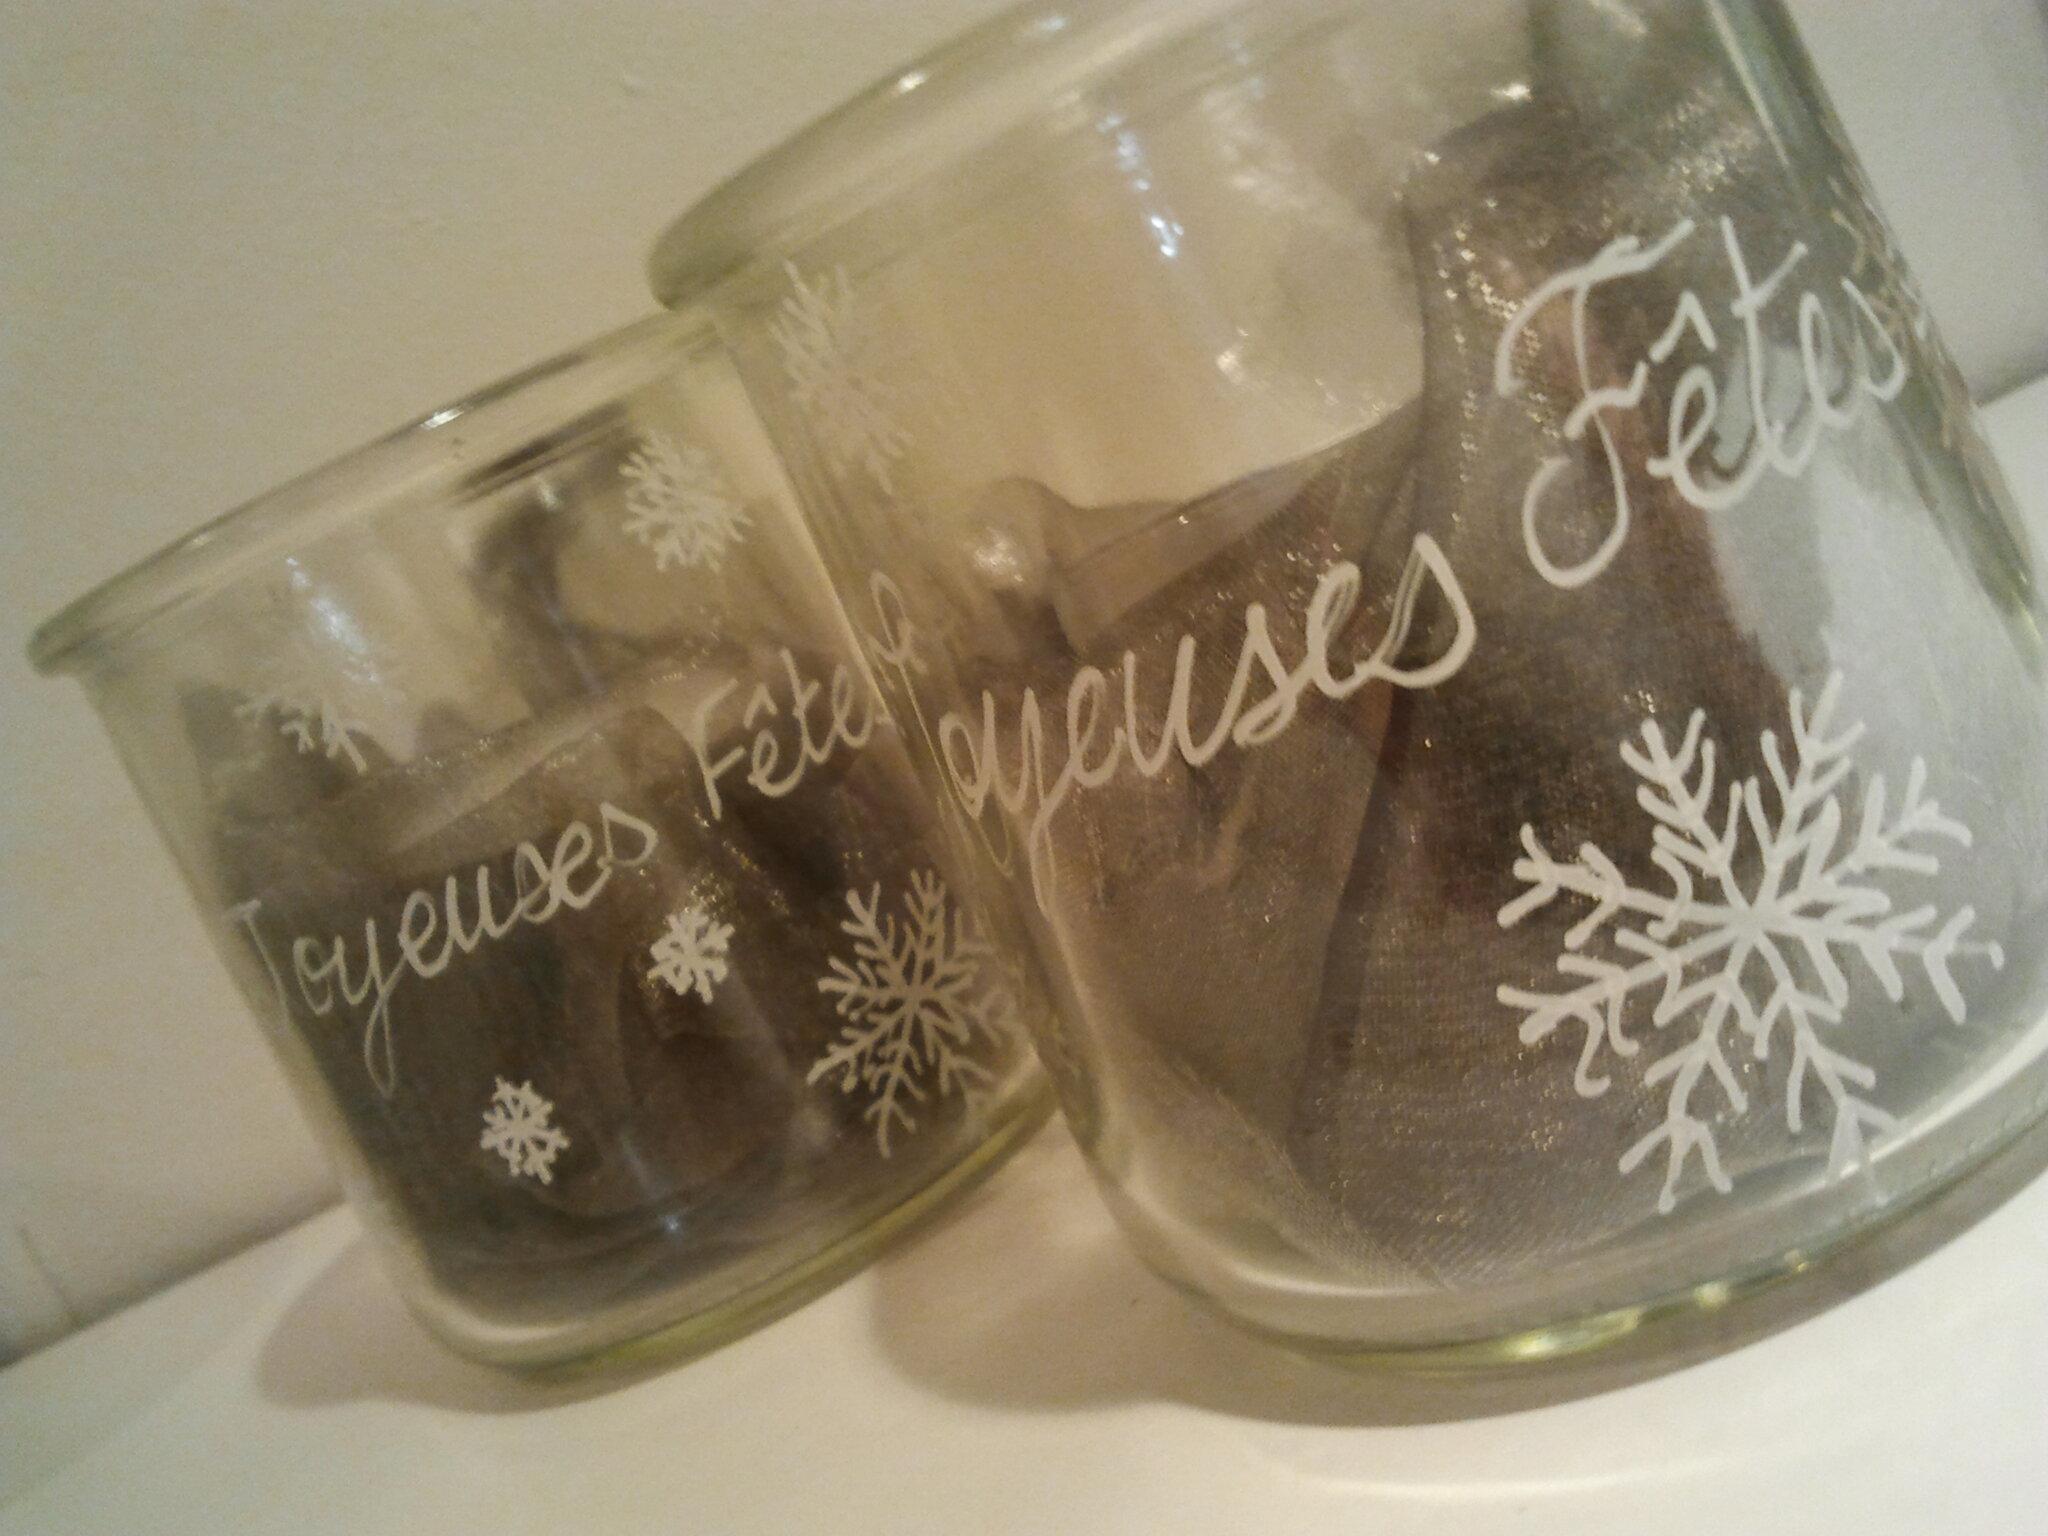 Petits pots avec tissu pour d co de table ou avec bougie for Decoration lumignon 8 decembre